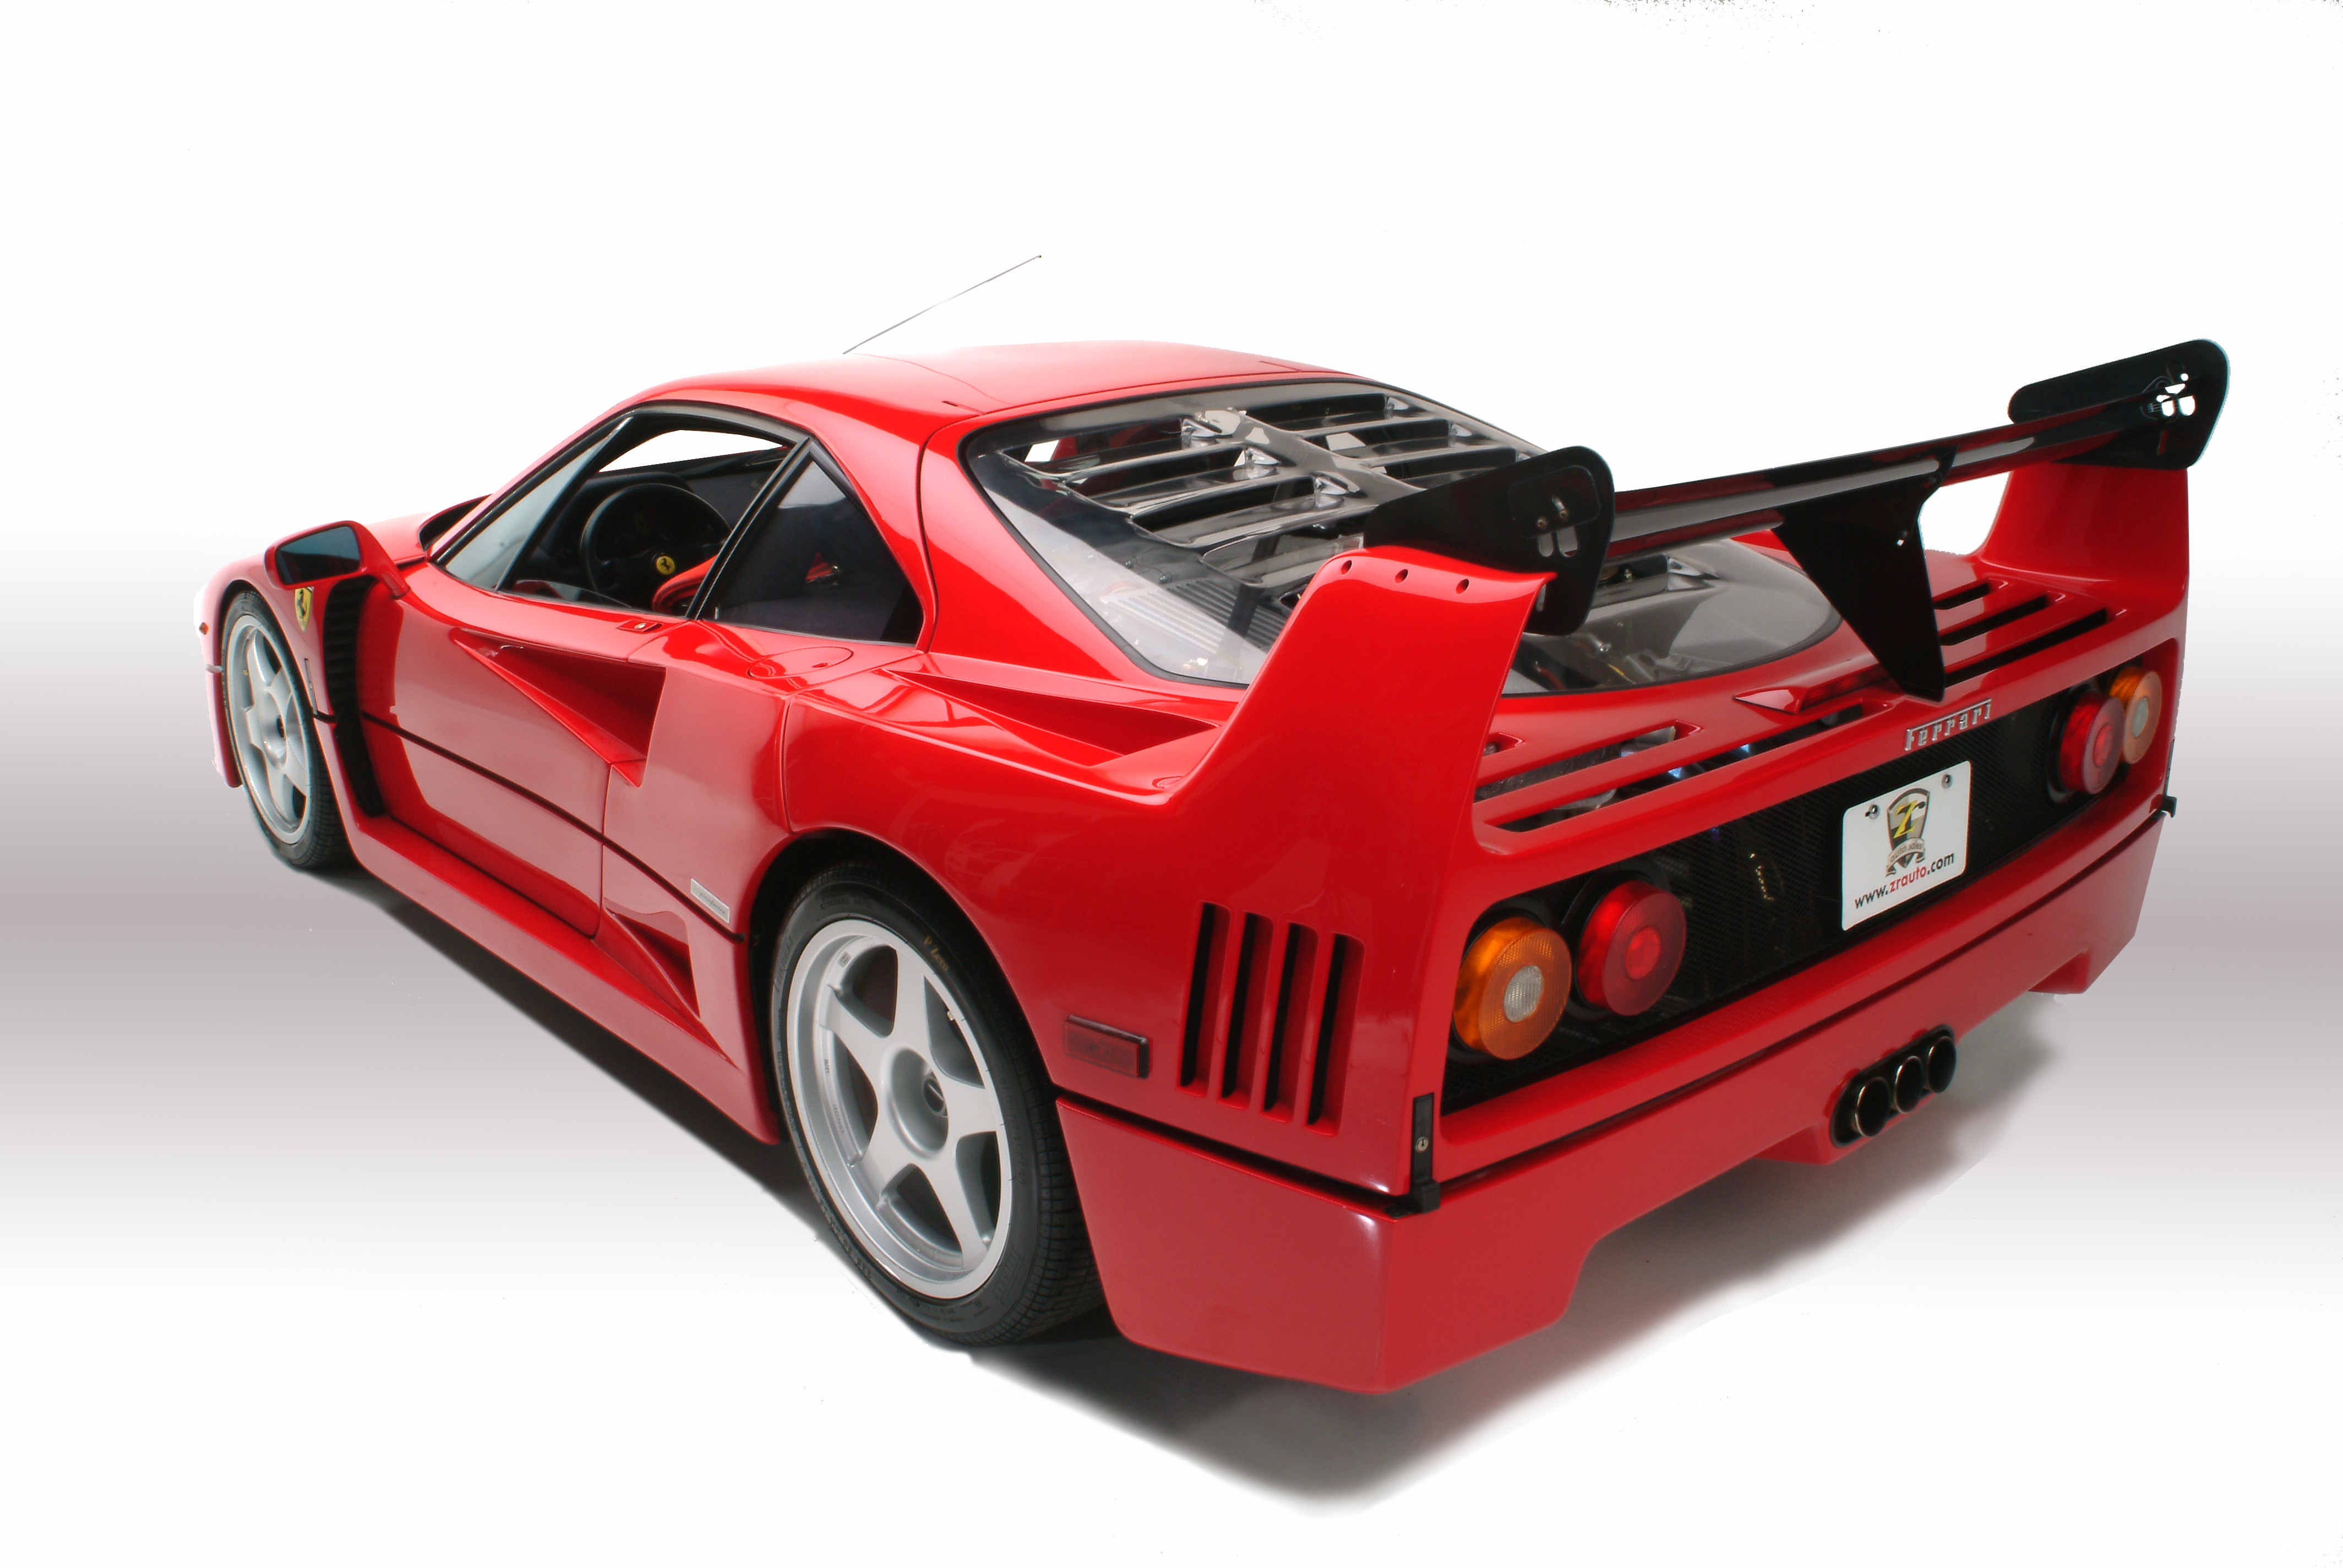 Ferrari F40 For Sale >> Ferrari F40 LM-Spec For Sale in Canada - GTspirit